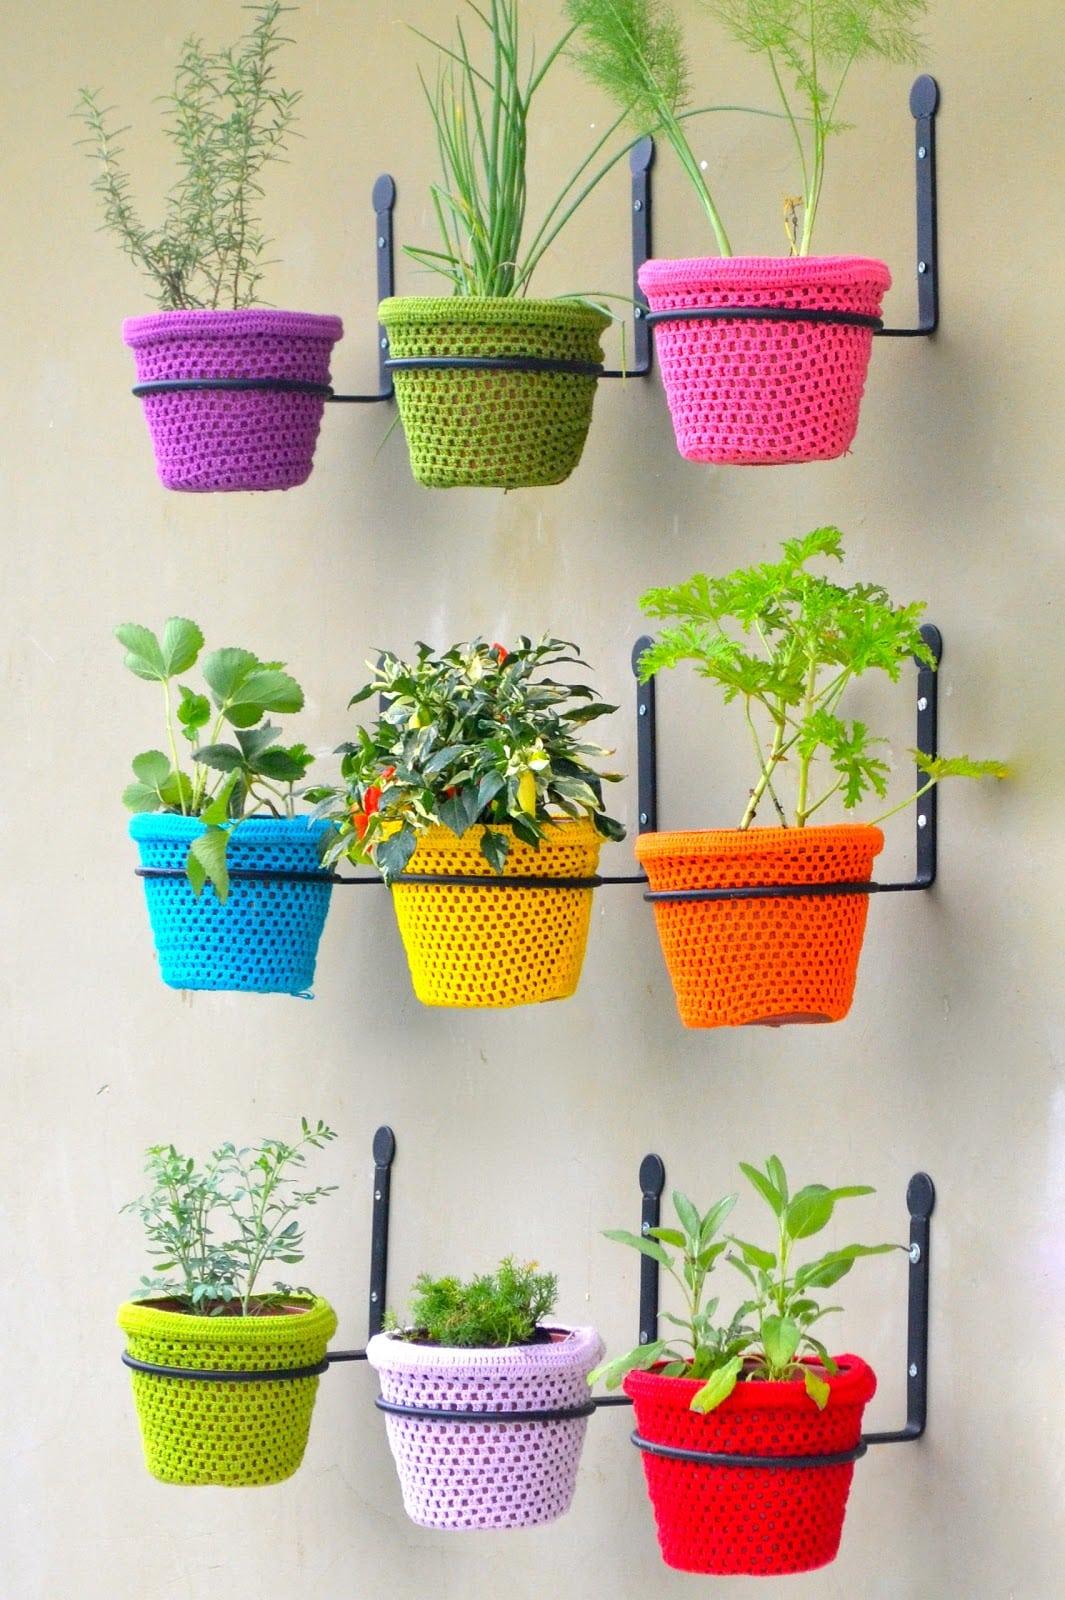 Дизайн цветочных горшков своими руками фото колонны